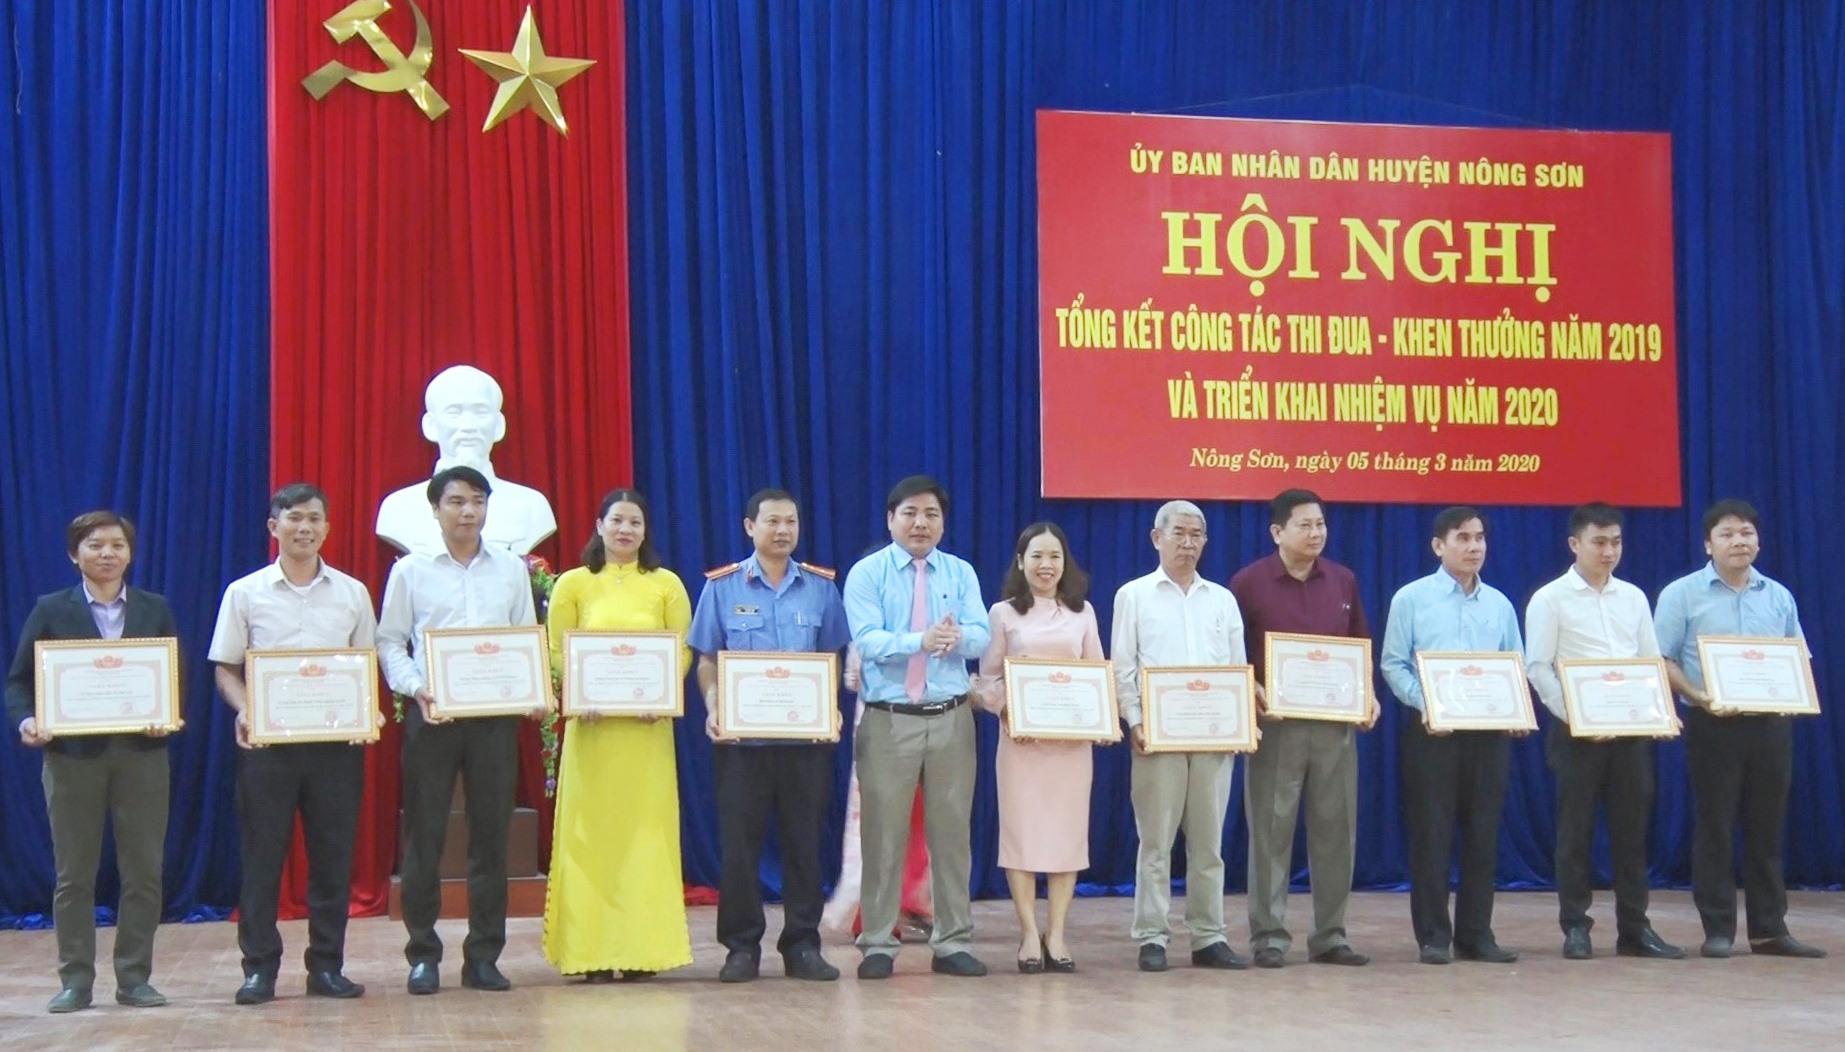 UBND huyện khen thưởng 26 tập thể, 23 cá nhân có thành tích xuất sắc trong phong trào thi đua yêu nước